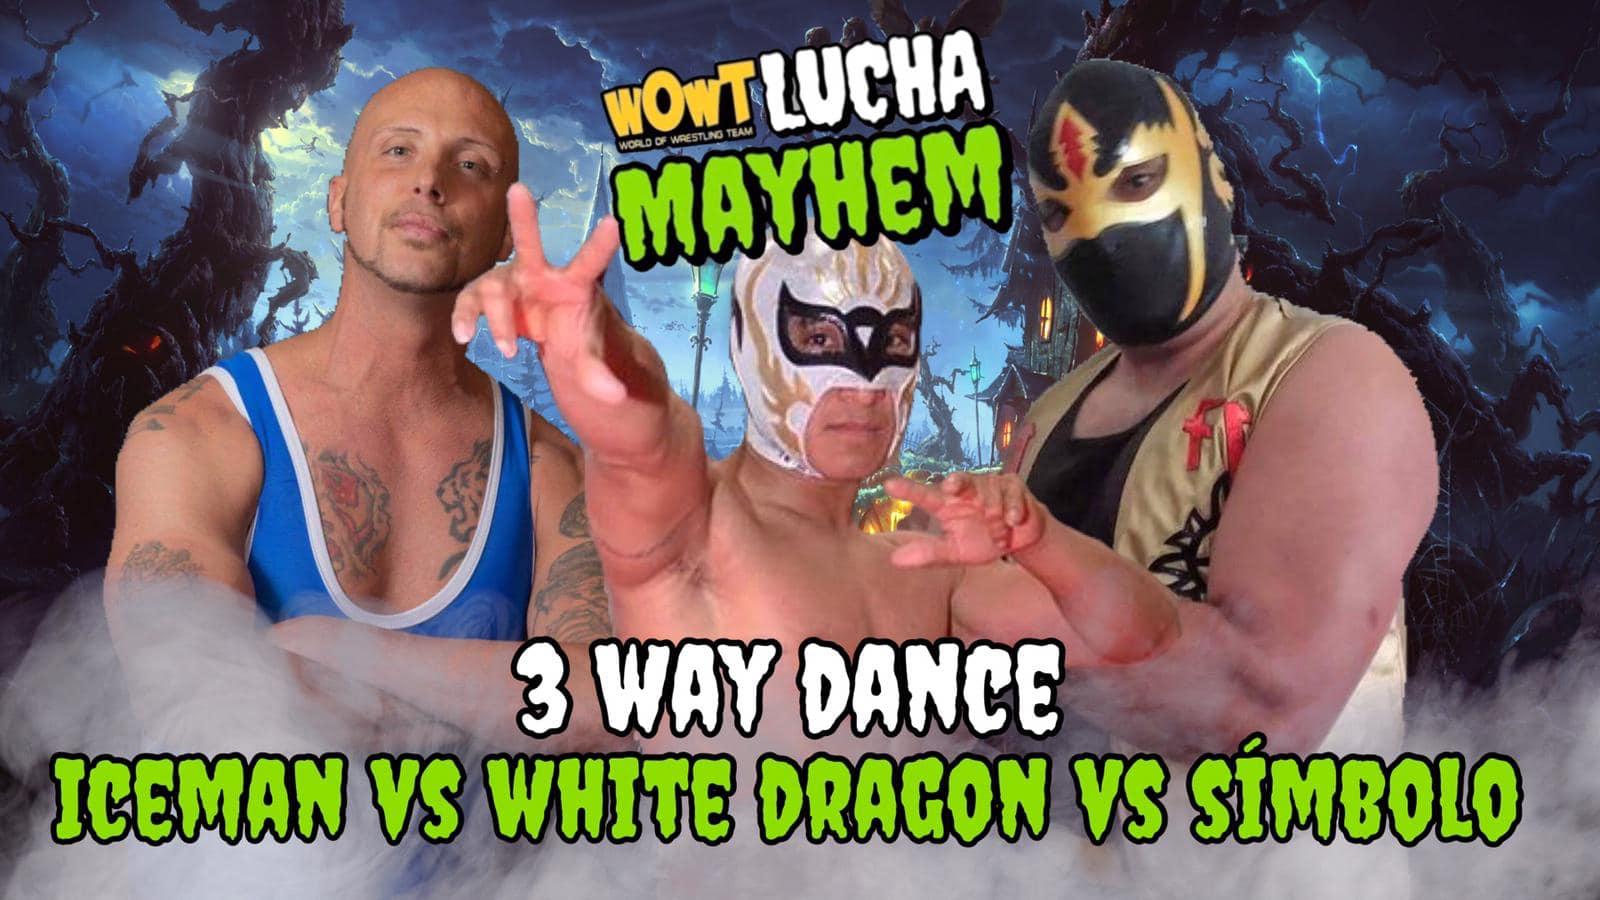 Dos encuentros confirmados para Lucha Mayhem en Chicago 2